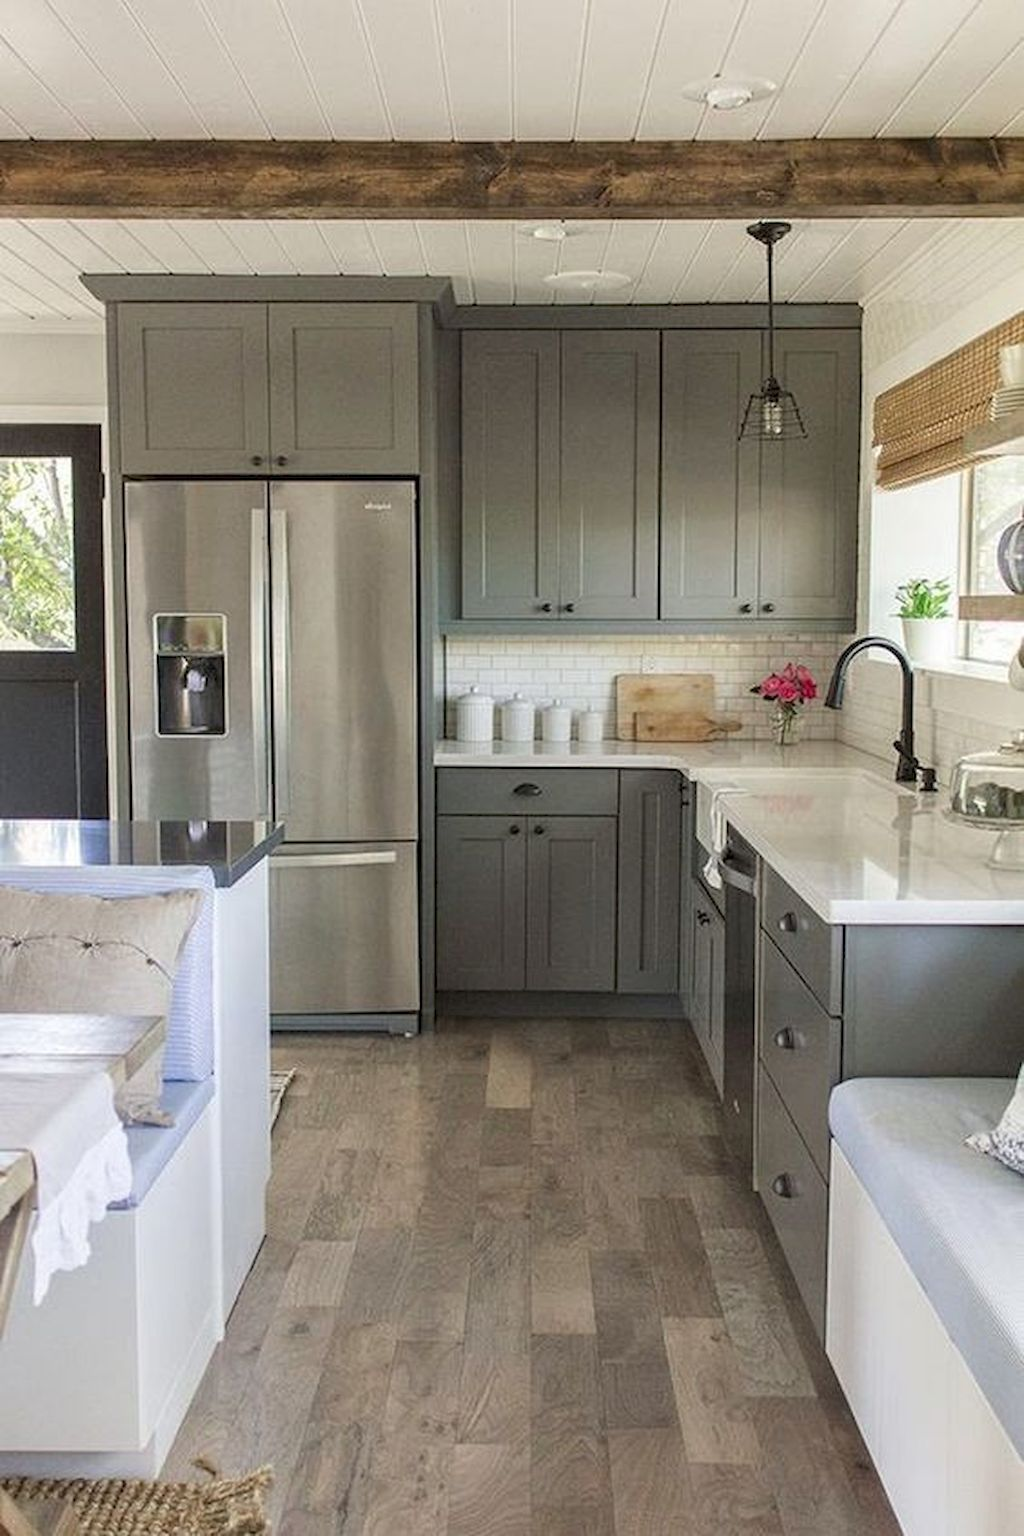 Tolle Lager Küchenschränke Menards Ideen - Ideen Für Die Küche ...